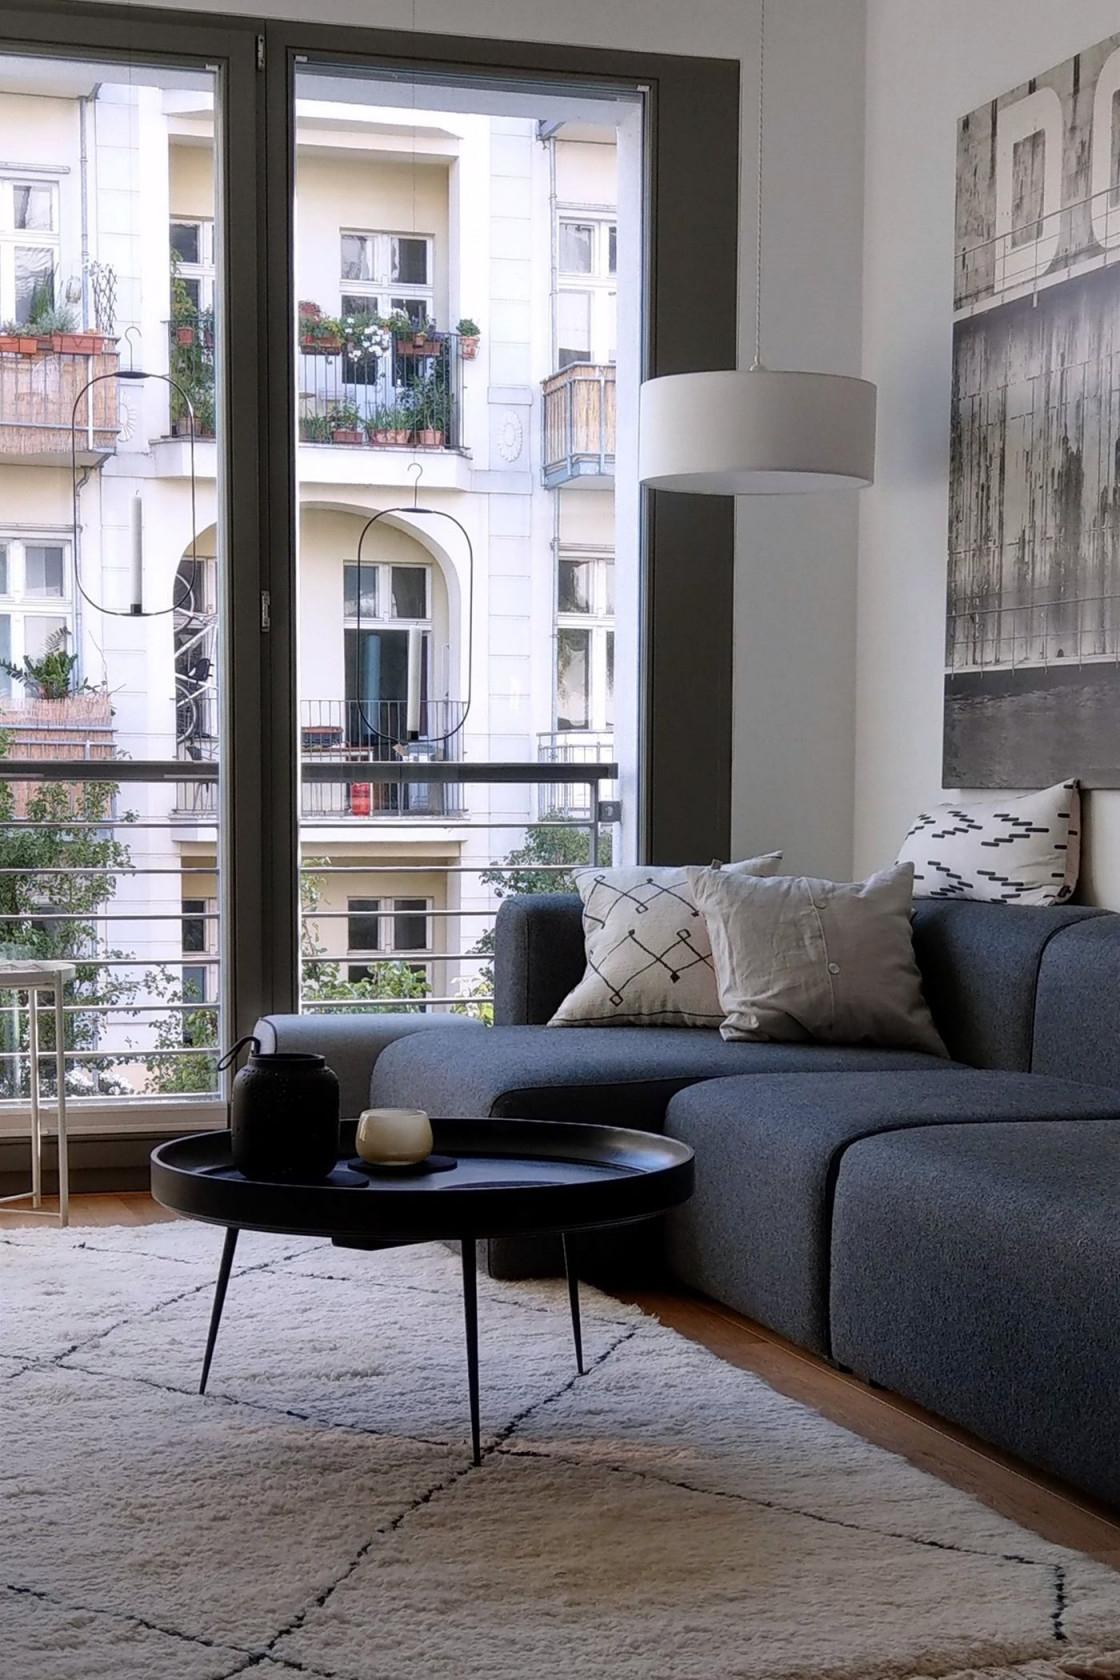 Wohnzimmer Die Schönsten Ideen von Quadratisches Wohnzimmer Einrichten Bild